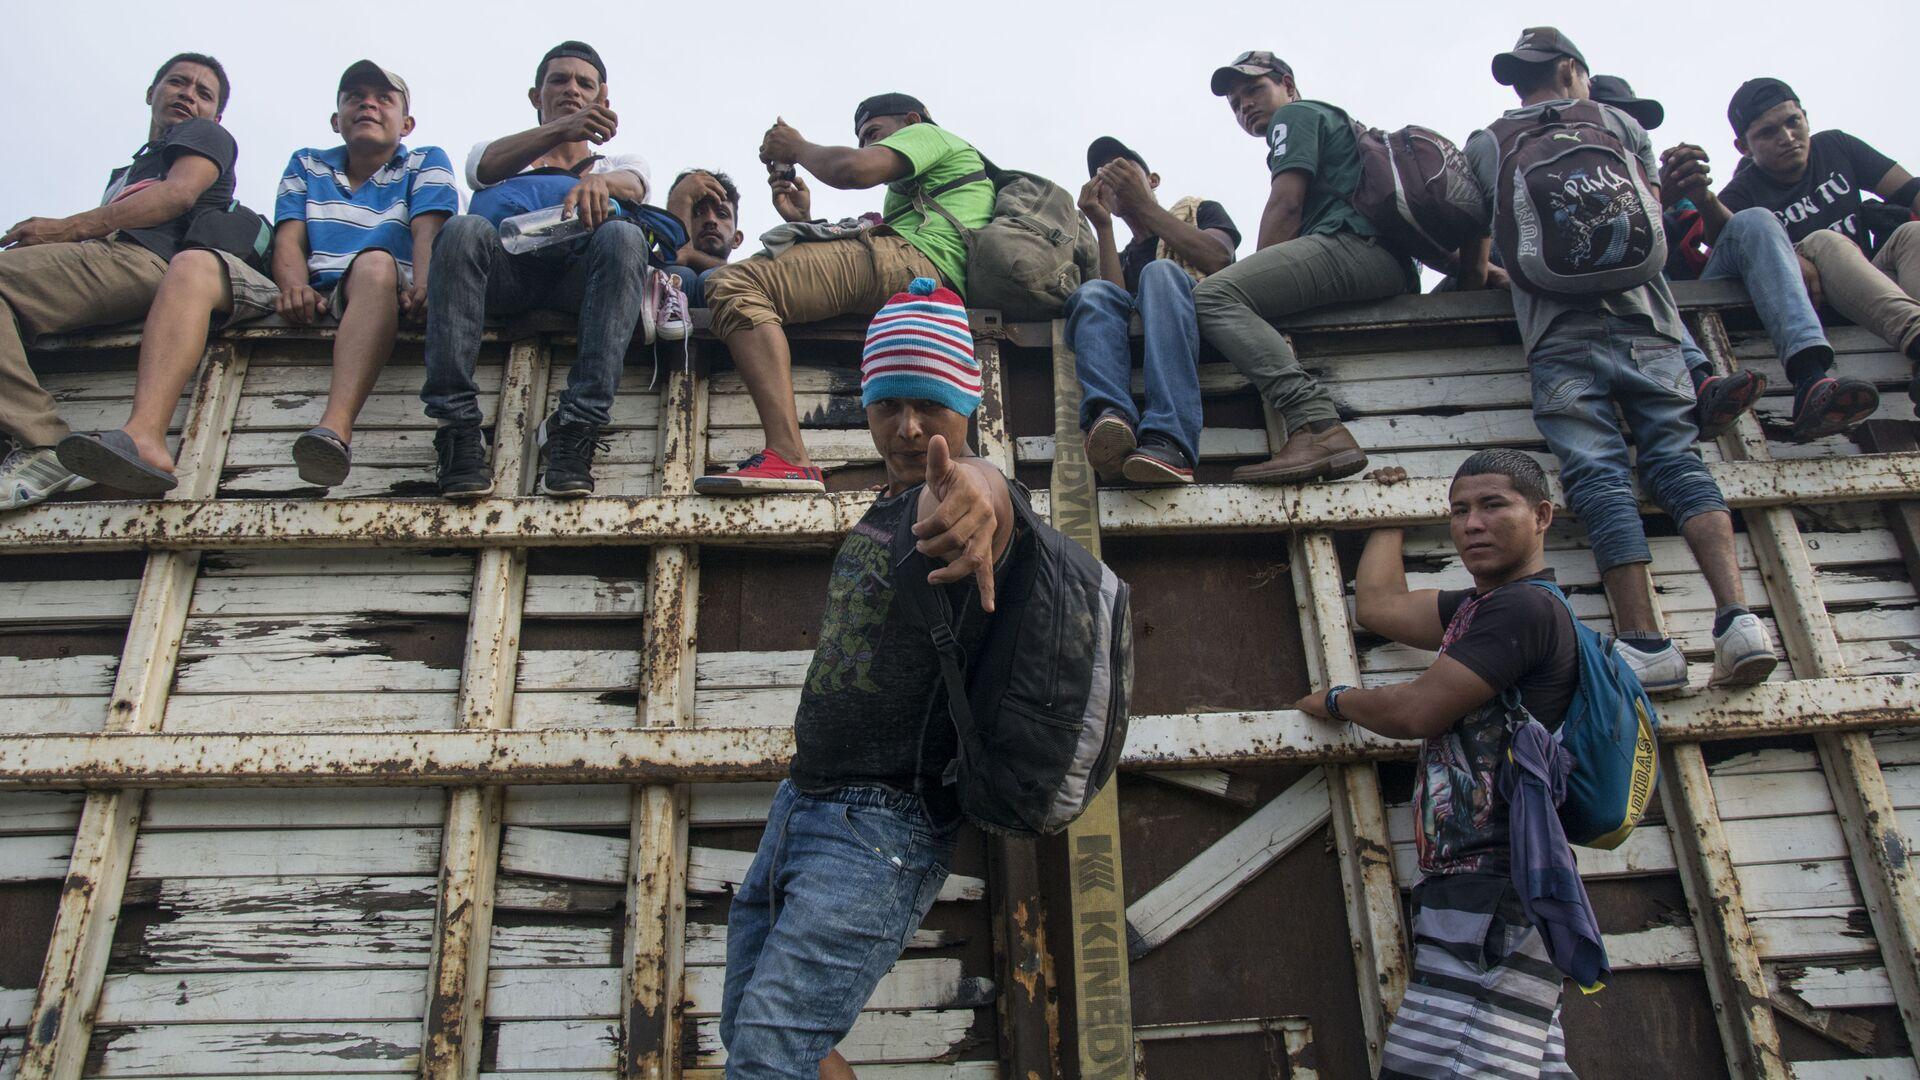 Мигранты из Гондураса, направляющиеся, в составе каравана, по территории Мексики в направлении границы с США - Sputnik Грузия, 1920, 21.09.2021